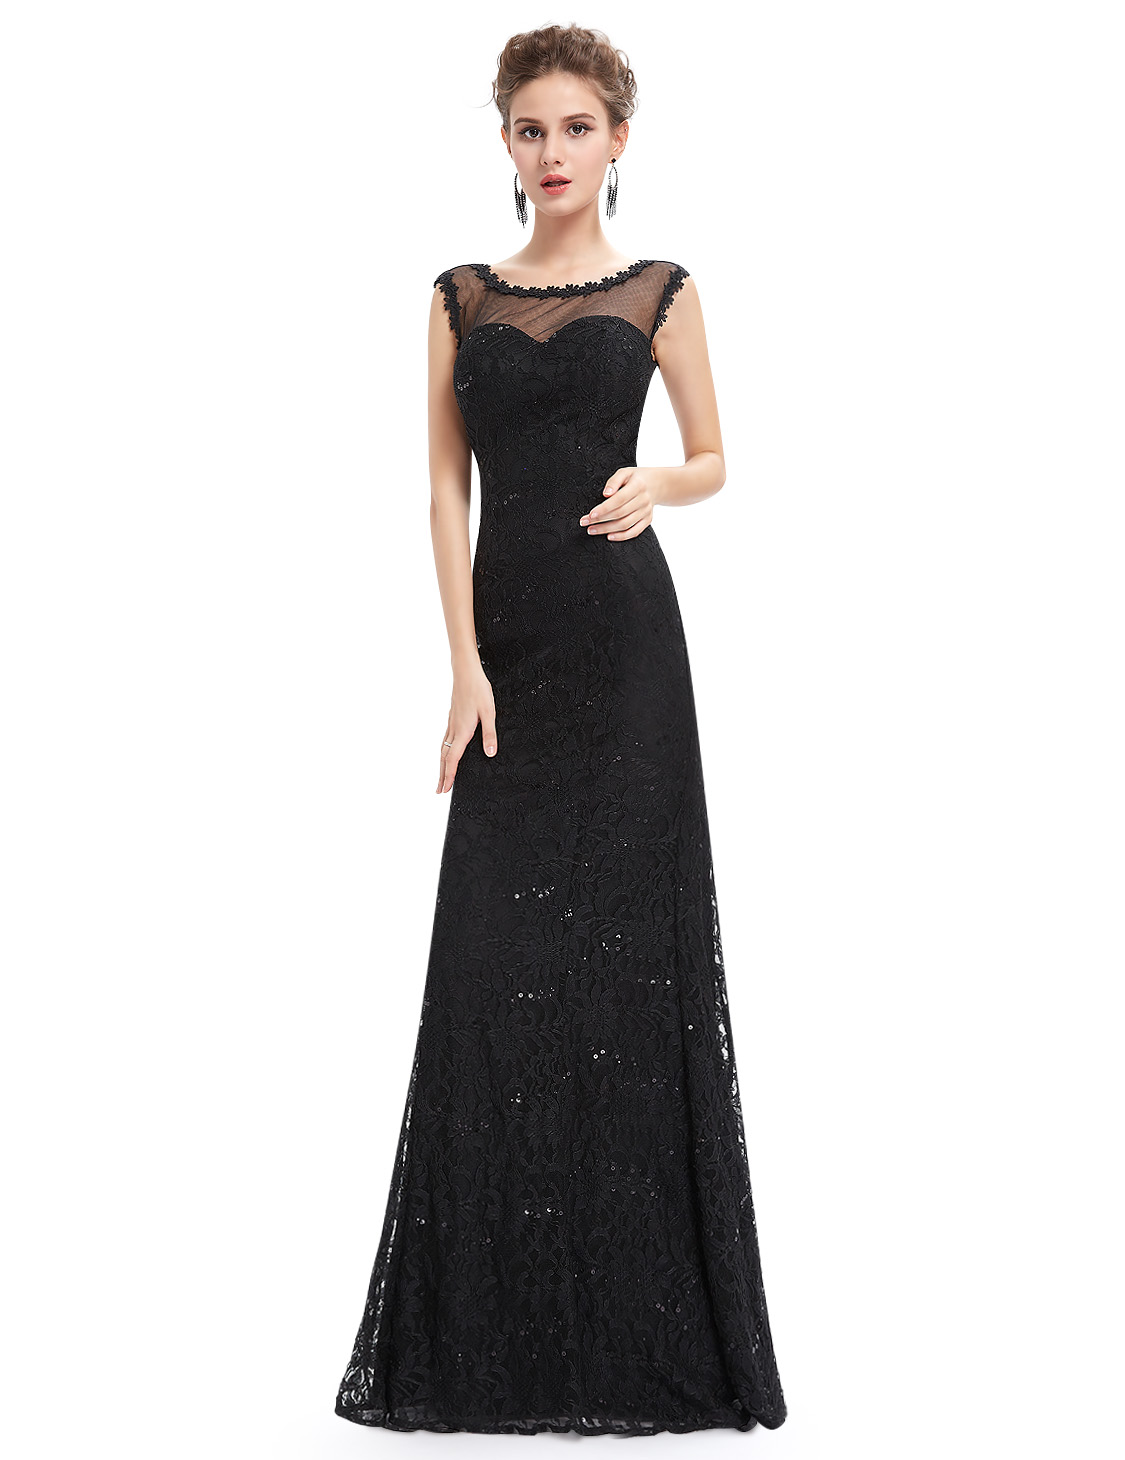 7a2c5e71faf Sexy černé dlouhé šaty s holými zády 42 xl